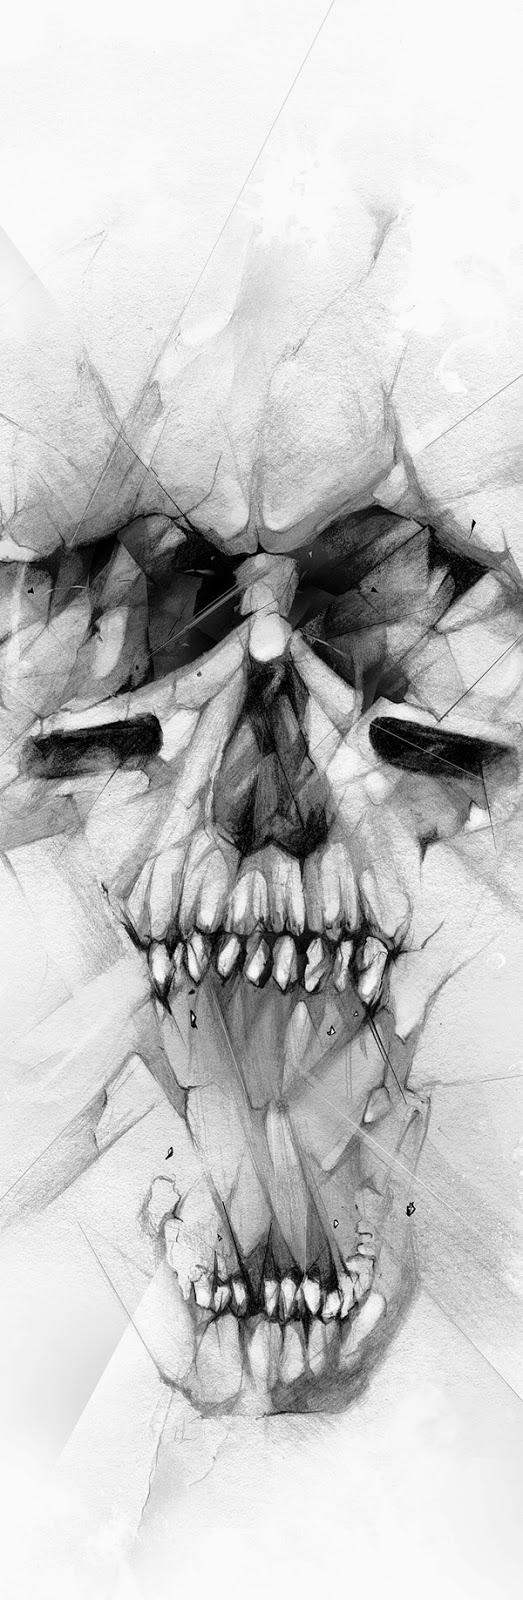 Ilustraciones de Alexis Marcou | TaChido.mx - Desmadre, morras y chairas de a montón